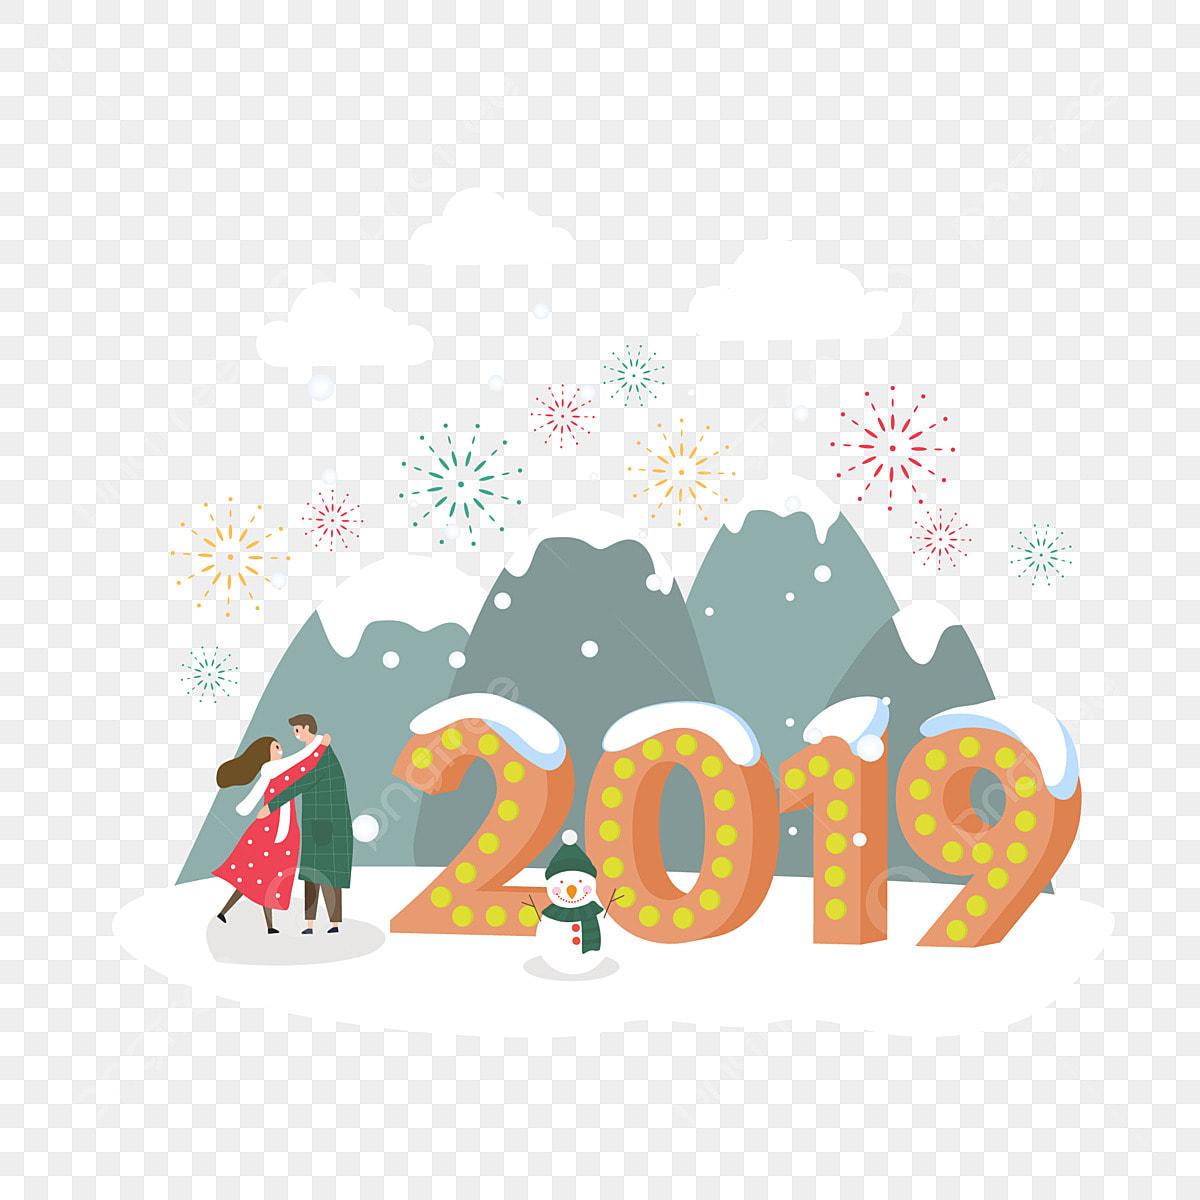 a544924f3b62 2019 Año Nuevo Pareja De Año Nuevo Gente Joven, Animados, Viento ...